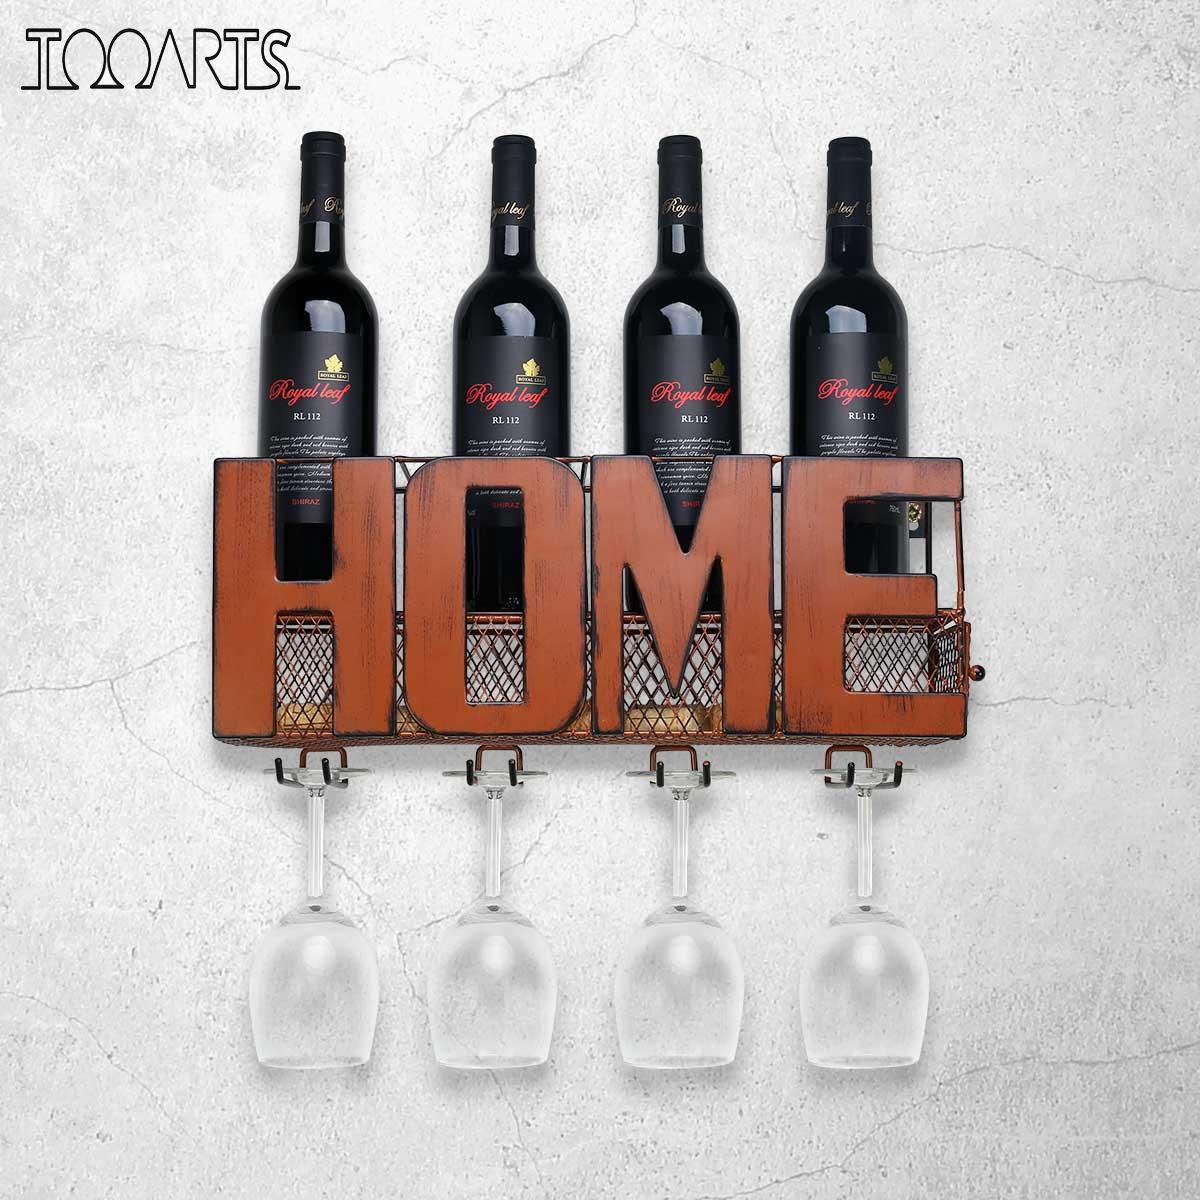 Wandmontage Wijnrek Kurk Opslag Container Opknoping Wijnglas Houder Wijn Opbergrek Thuis Keuken Bar Decor Accessoires-in Wijnrekken van Huis & Tuin op  Groep 1